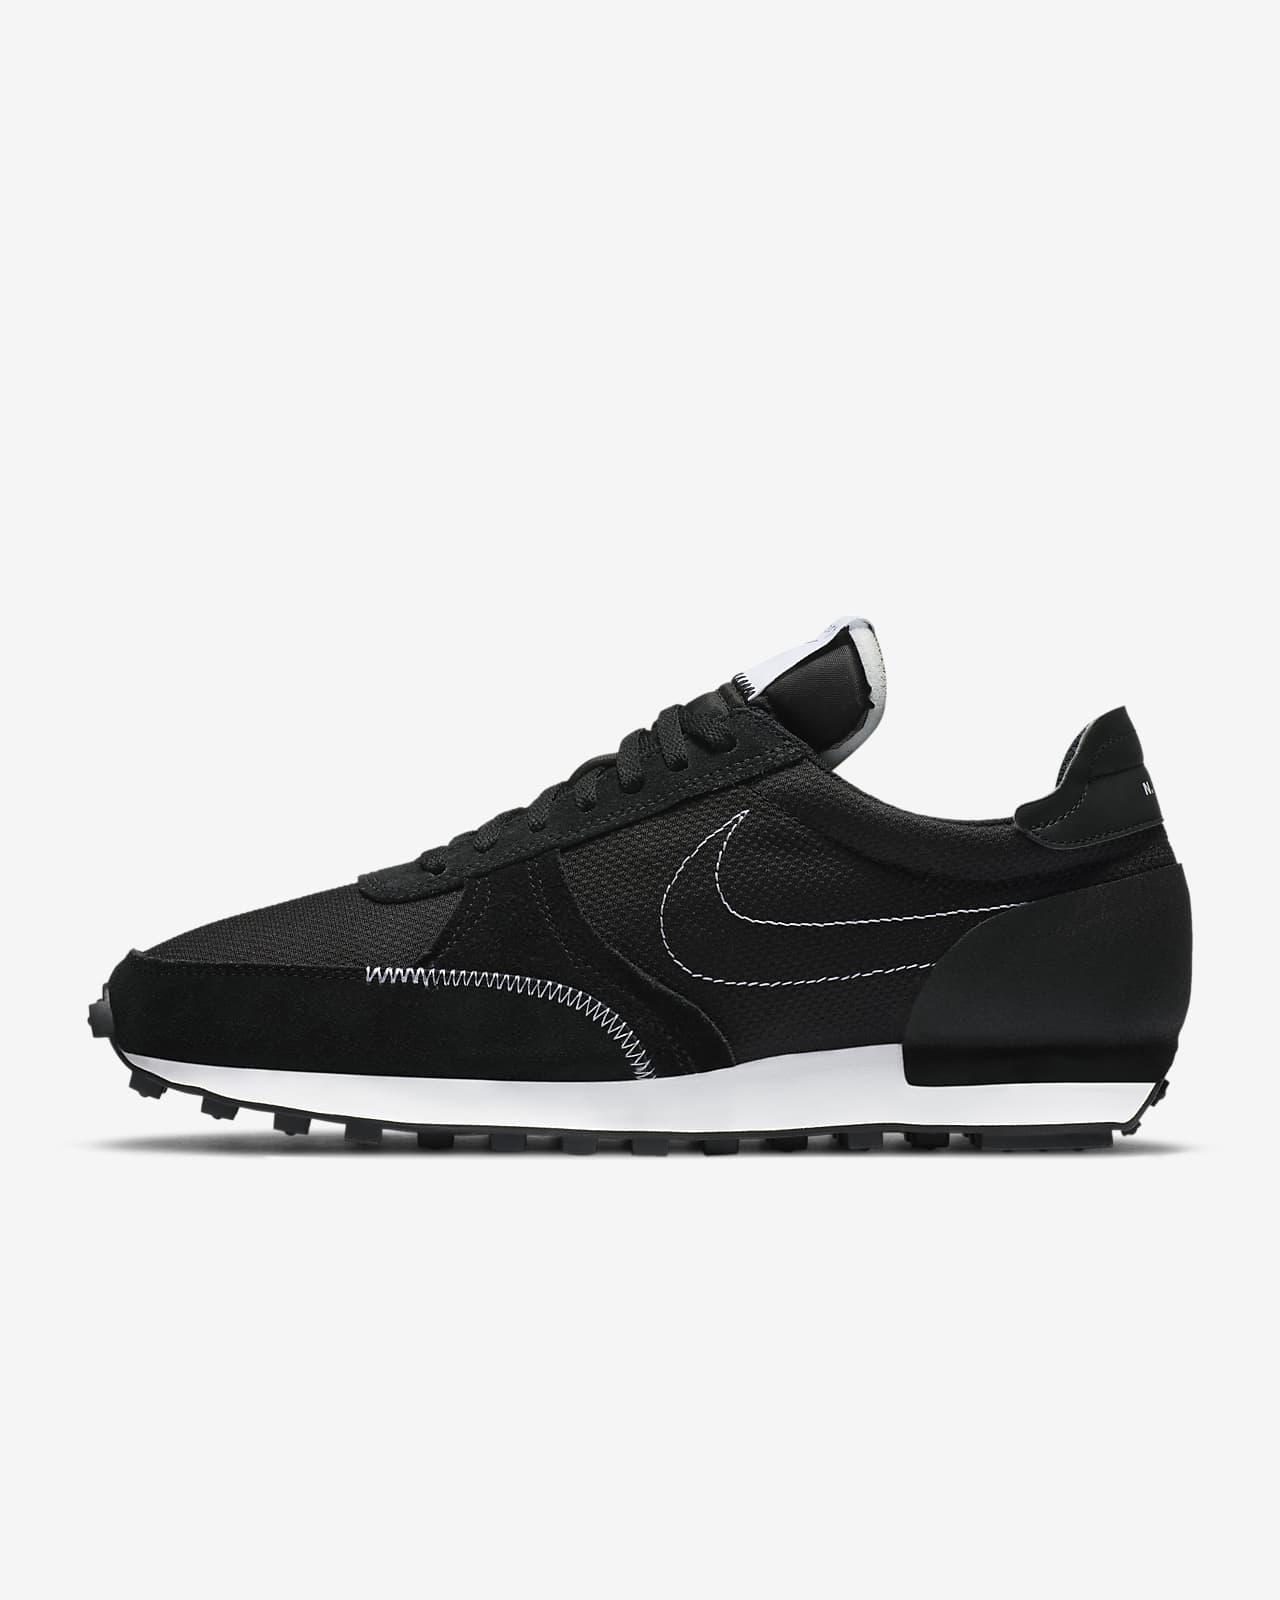 Sko Nike DBreak-Type för män